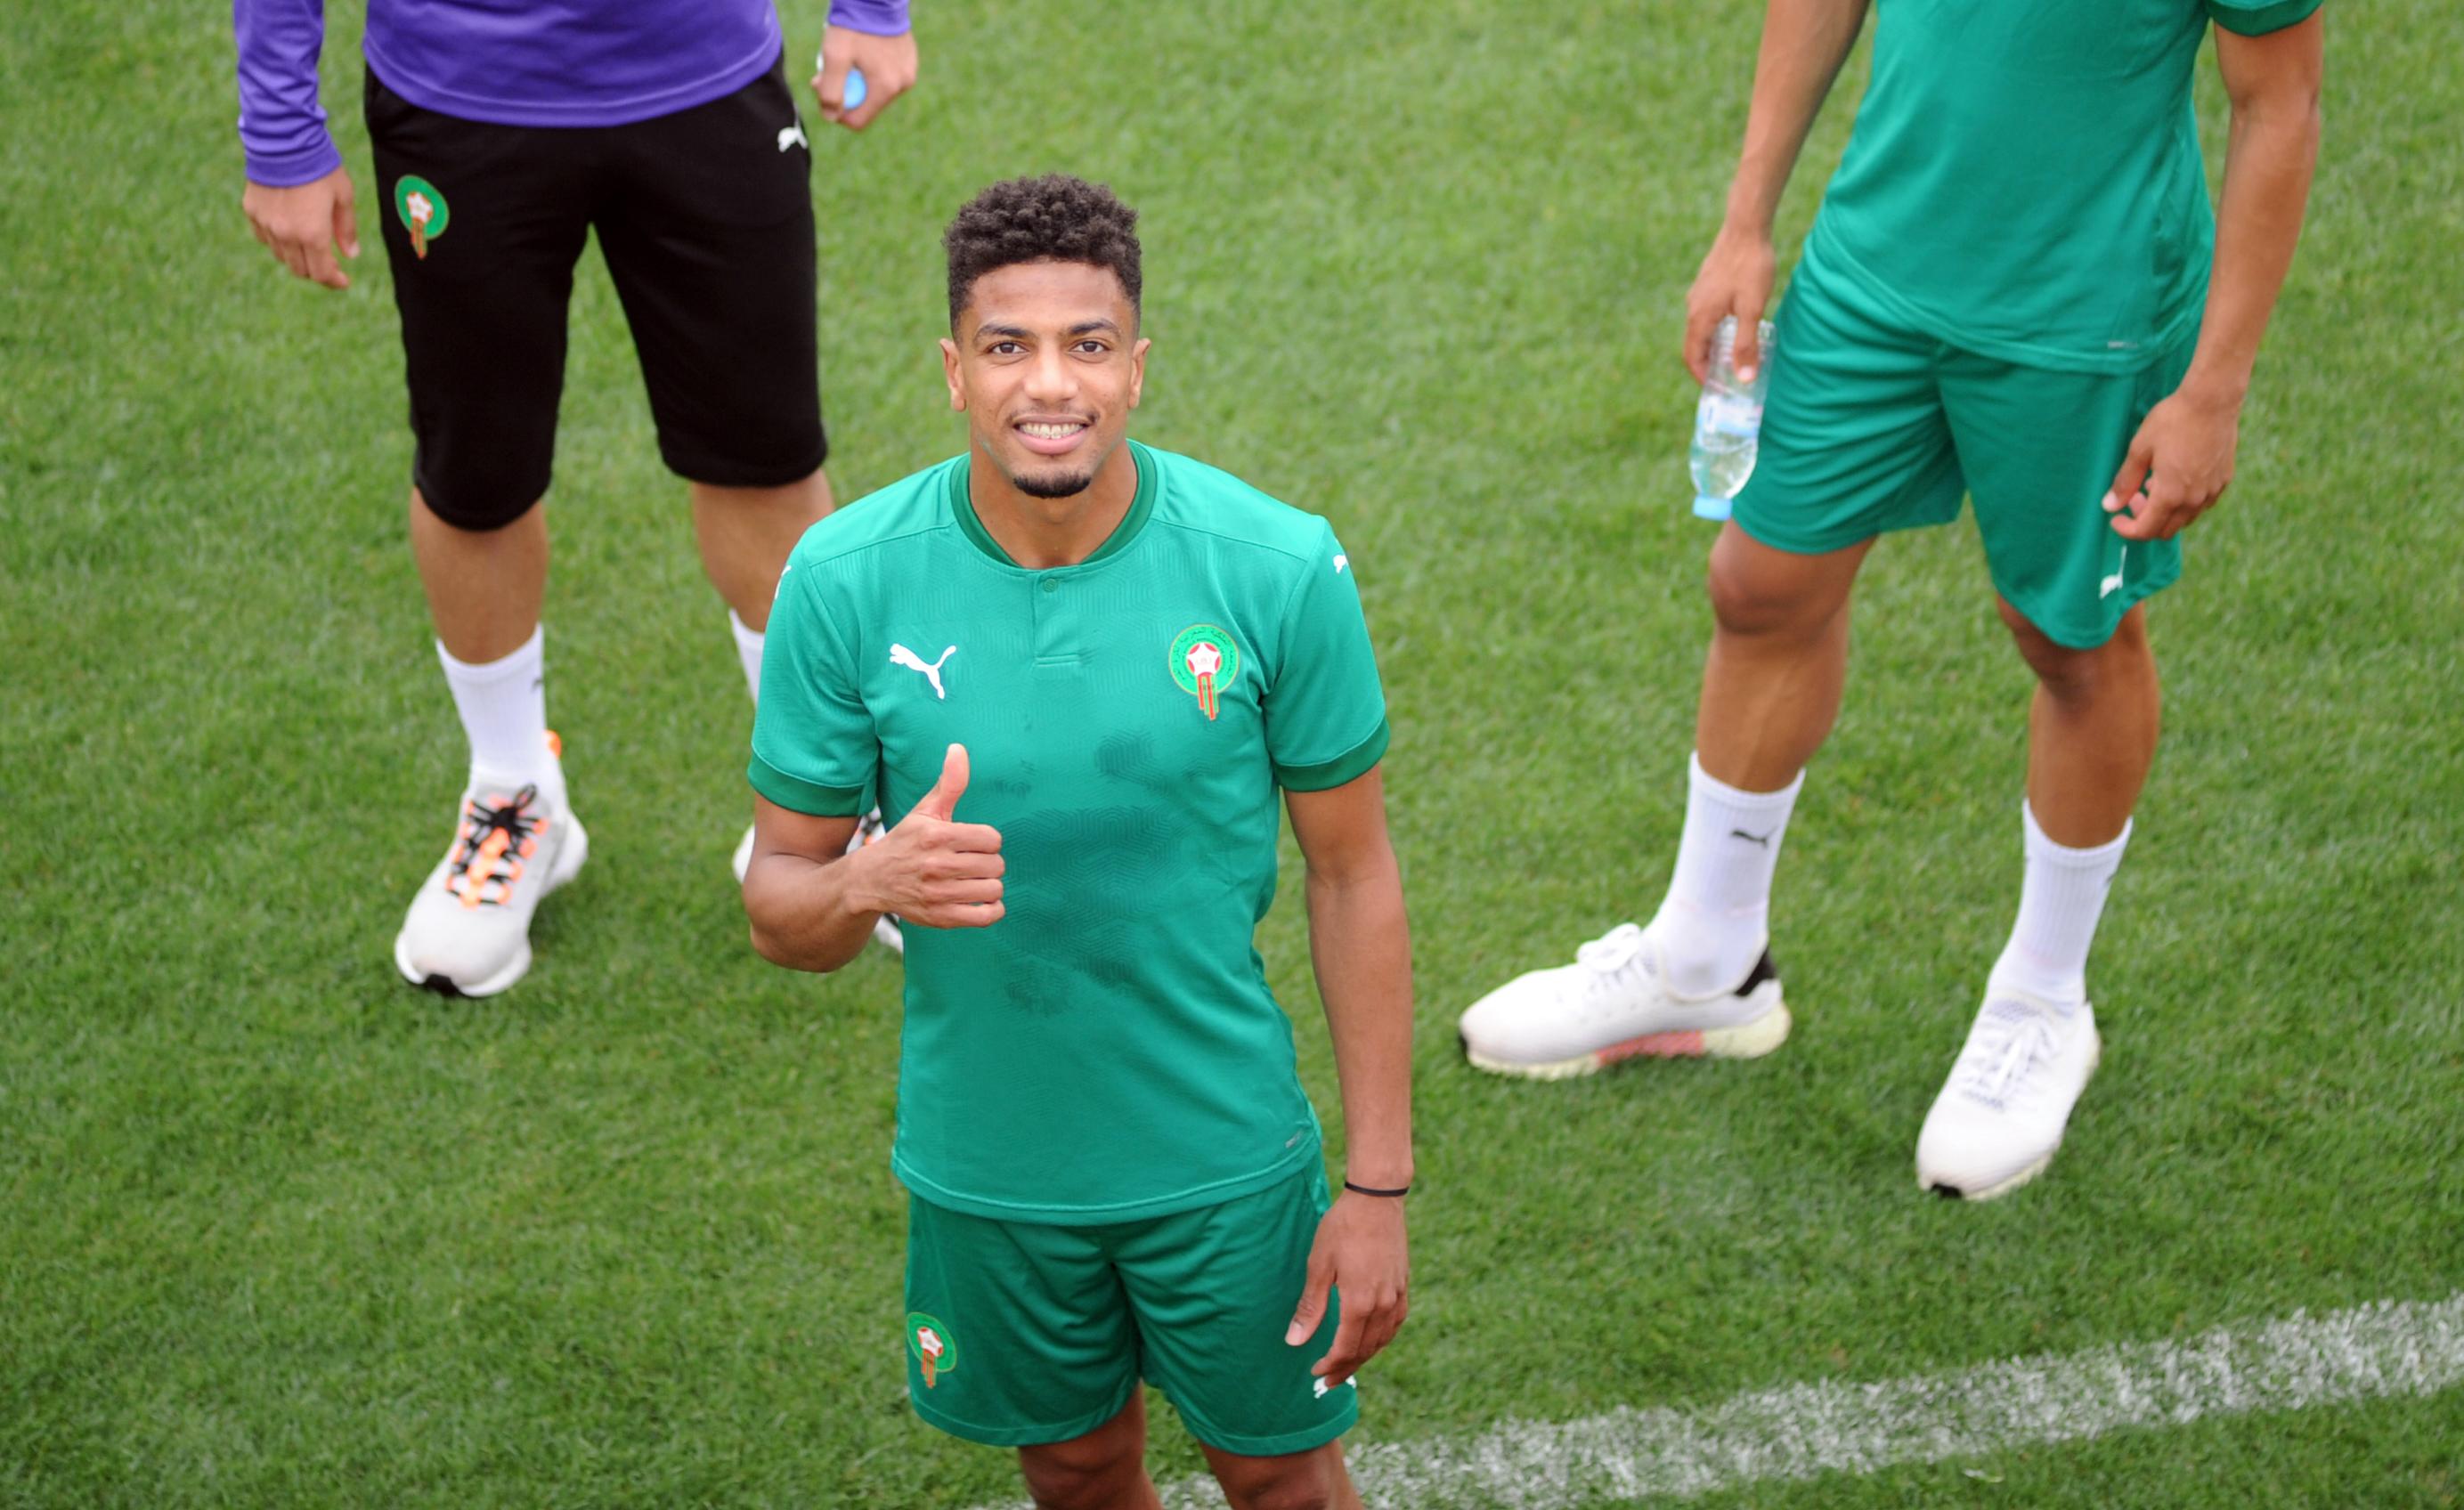 العملود  الخجول  إنصهر في أجواء المنتخب المغربي